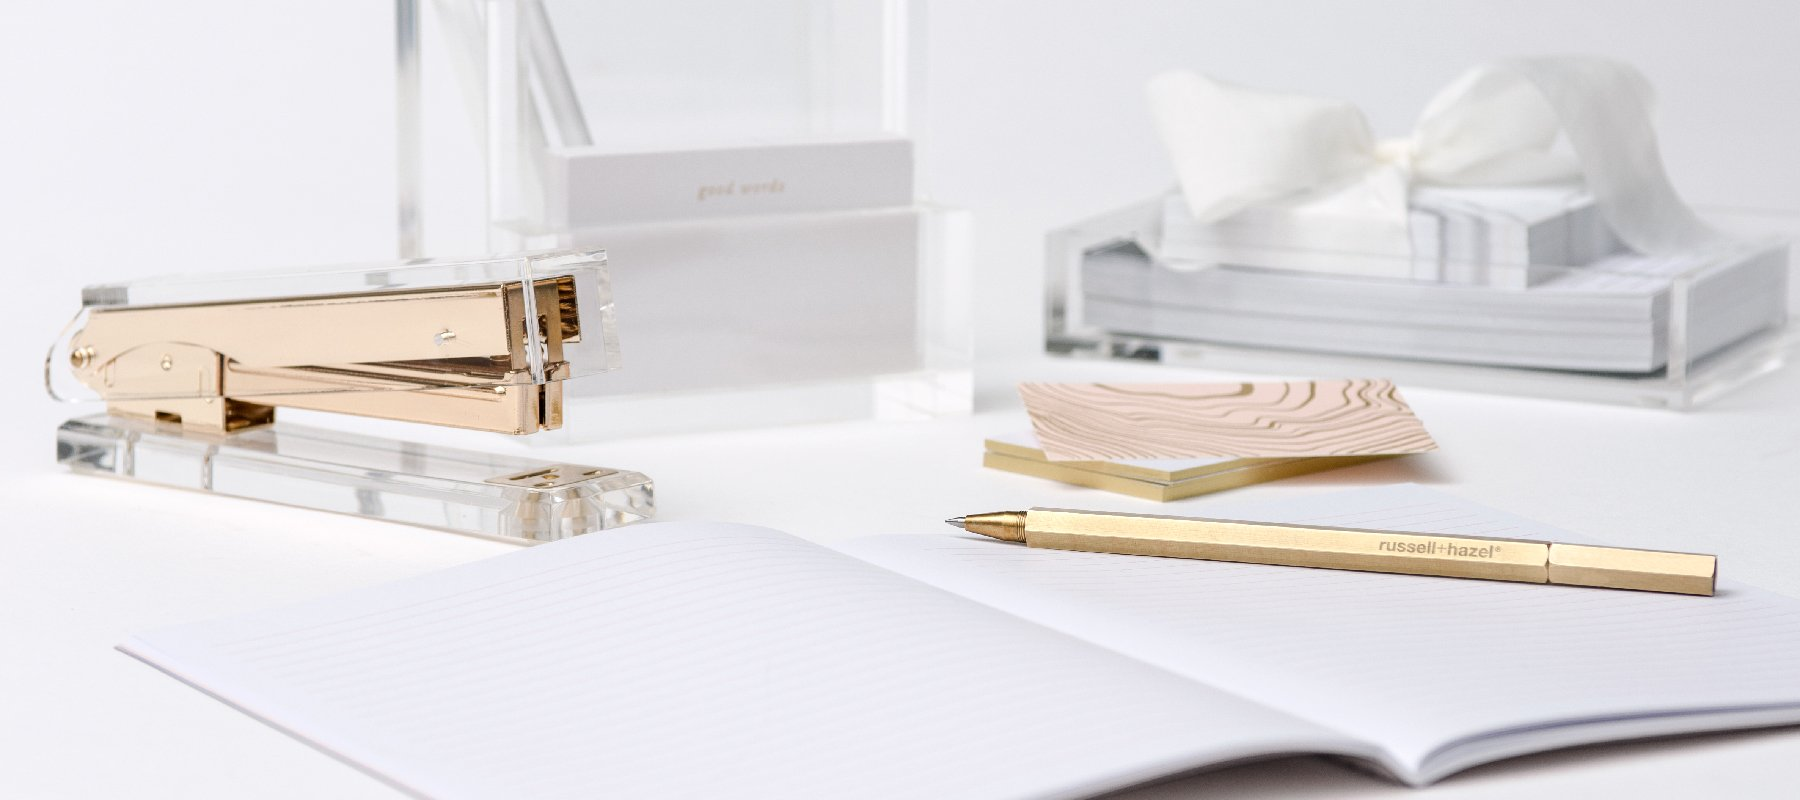 Office + Desk Organization - russell+hazel